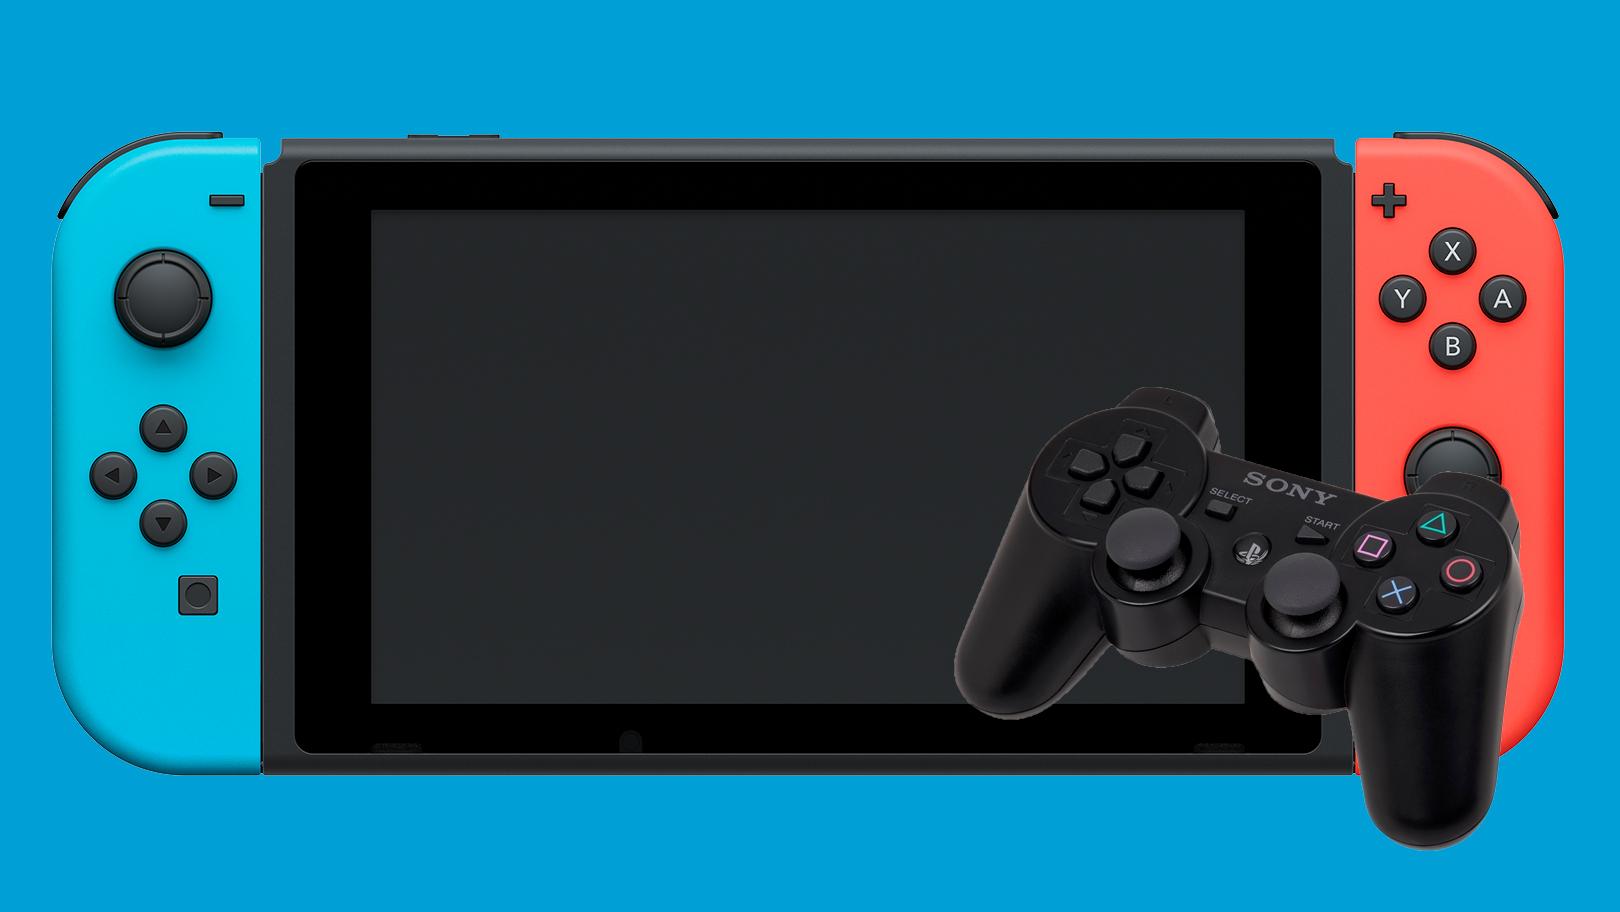 Switch Lanzamiento: ahora puede conectar su DualShock 3, Xbox 360 o Xbox One en modo acoplado gracias al sysmodule Sys-con! - Soporte para DualShock 4 próximamente